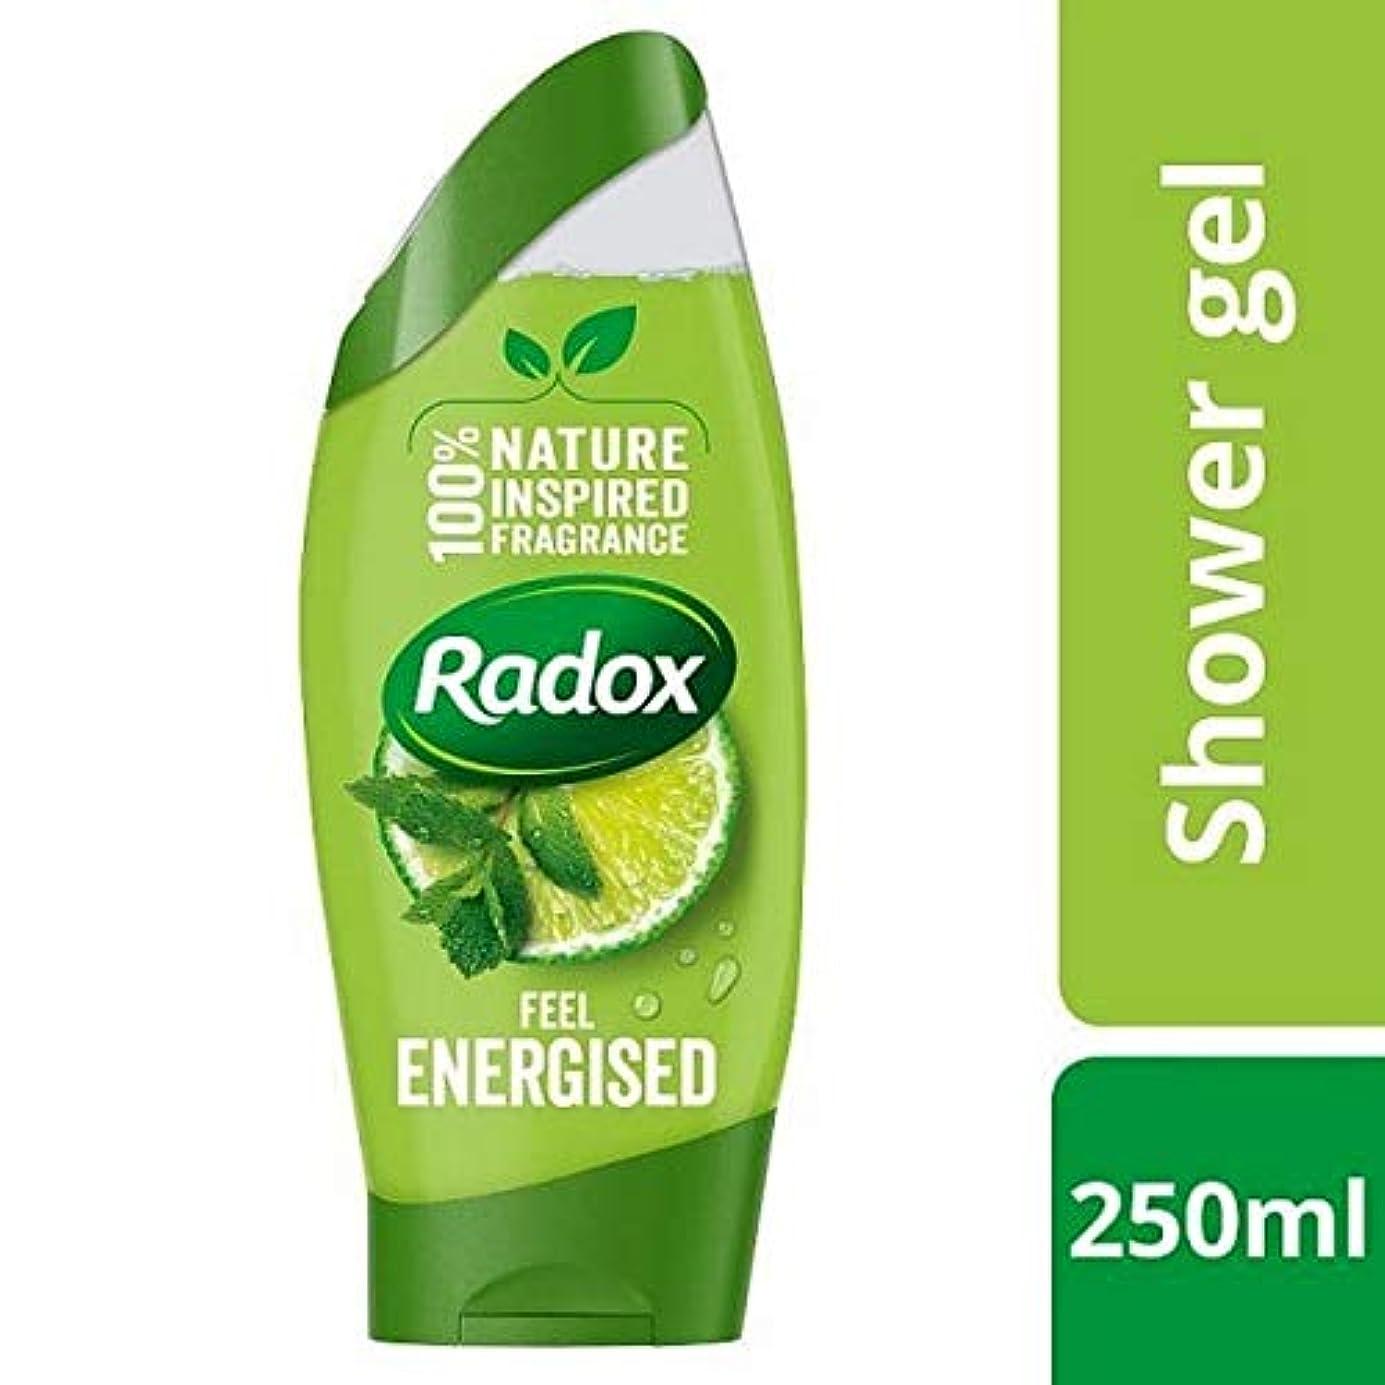 算術データ災害[Radox] Radoxは通電シャワージェル250ミリリットルを感じます - Radox Feel Energised Shower Gel 250ml [並行輸入品]